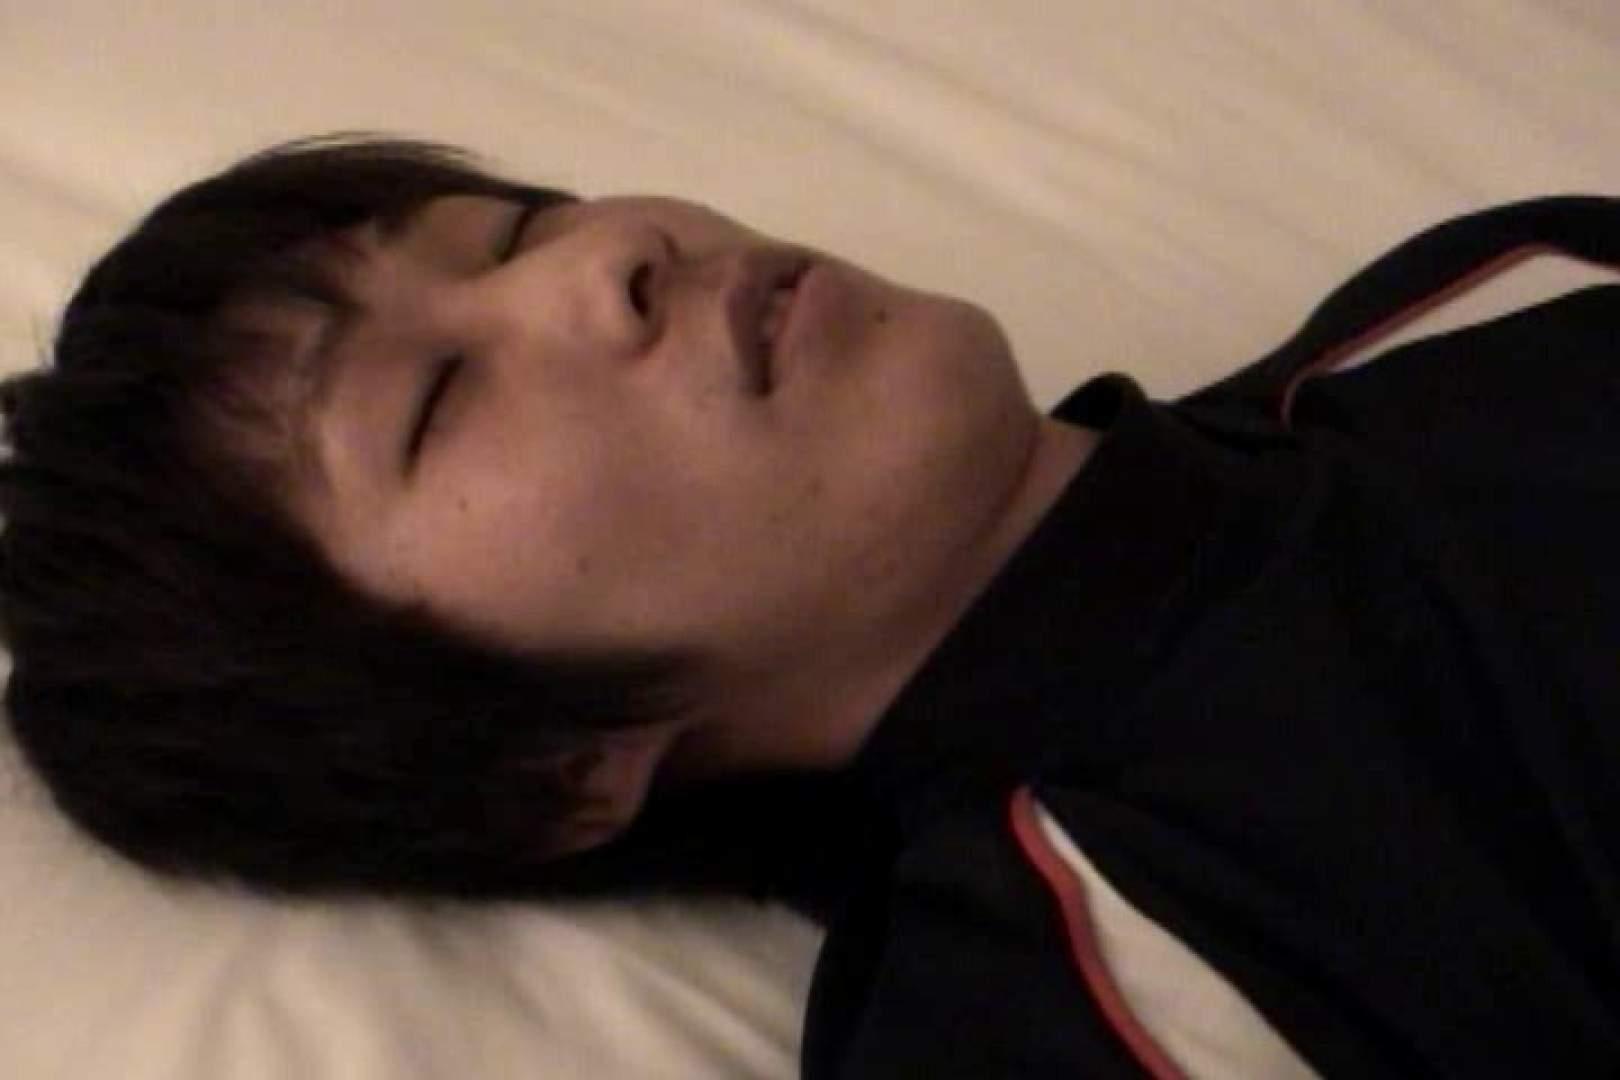 三ツ星シリーズ 魅惑のMemorial Night!! vol.01 フェラ ゲイエロビデオ画像 78枚 75